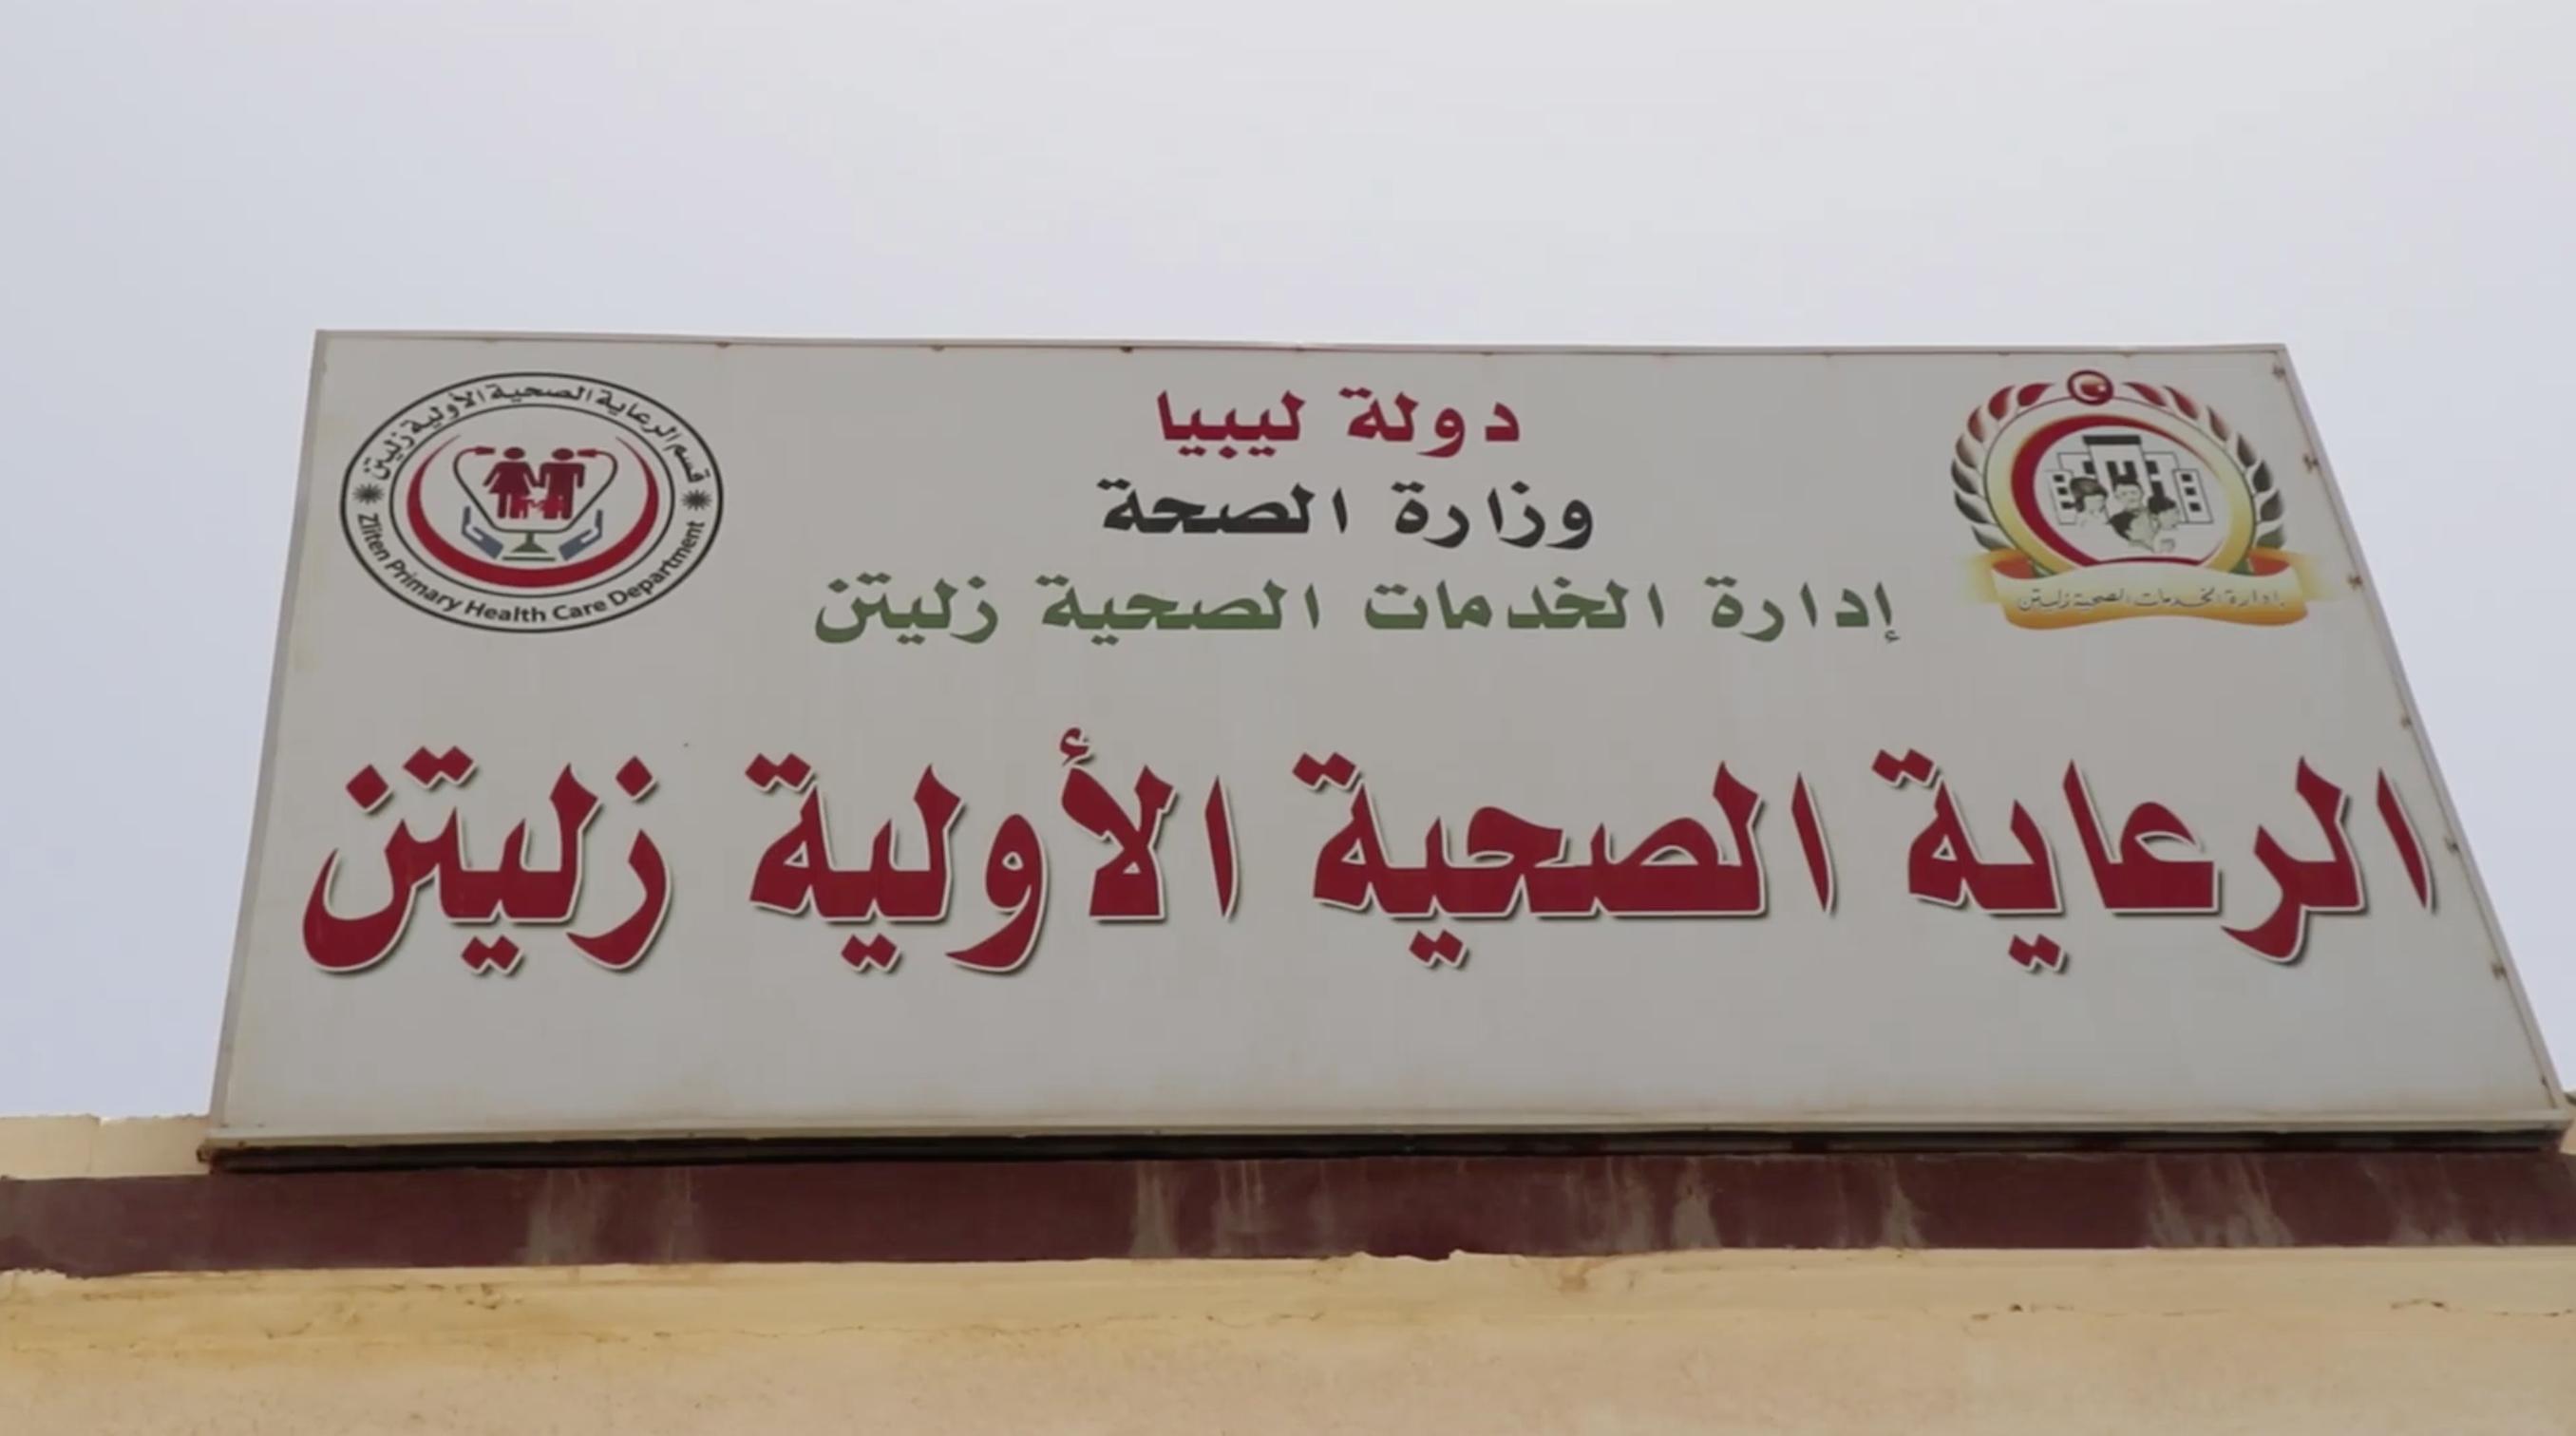 المركز الصحي في مدينة زليتن